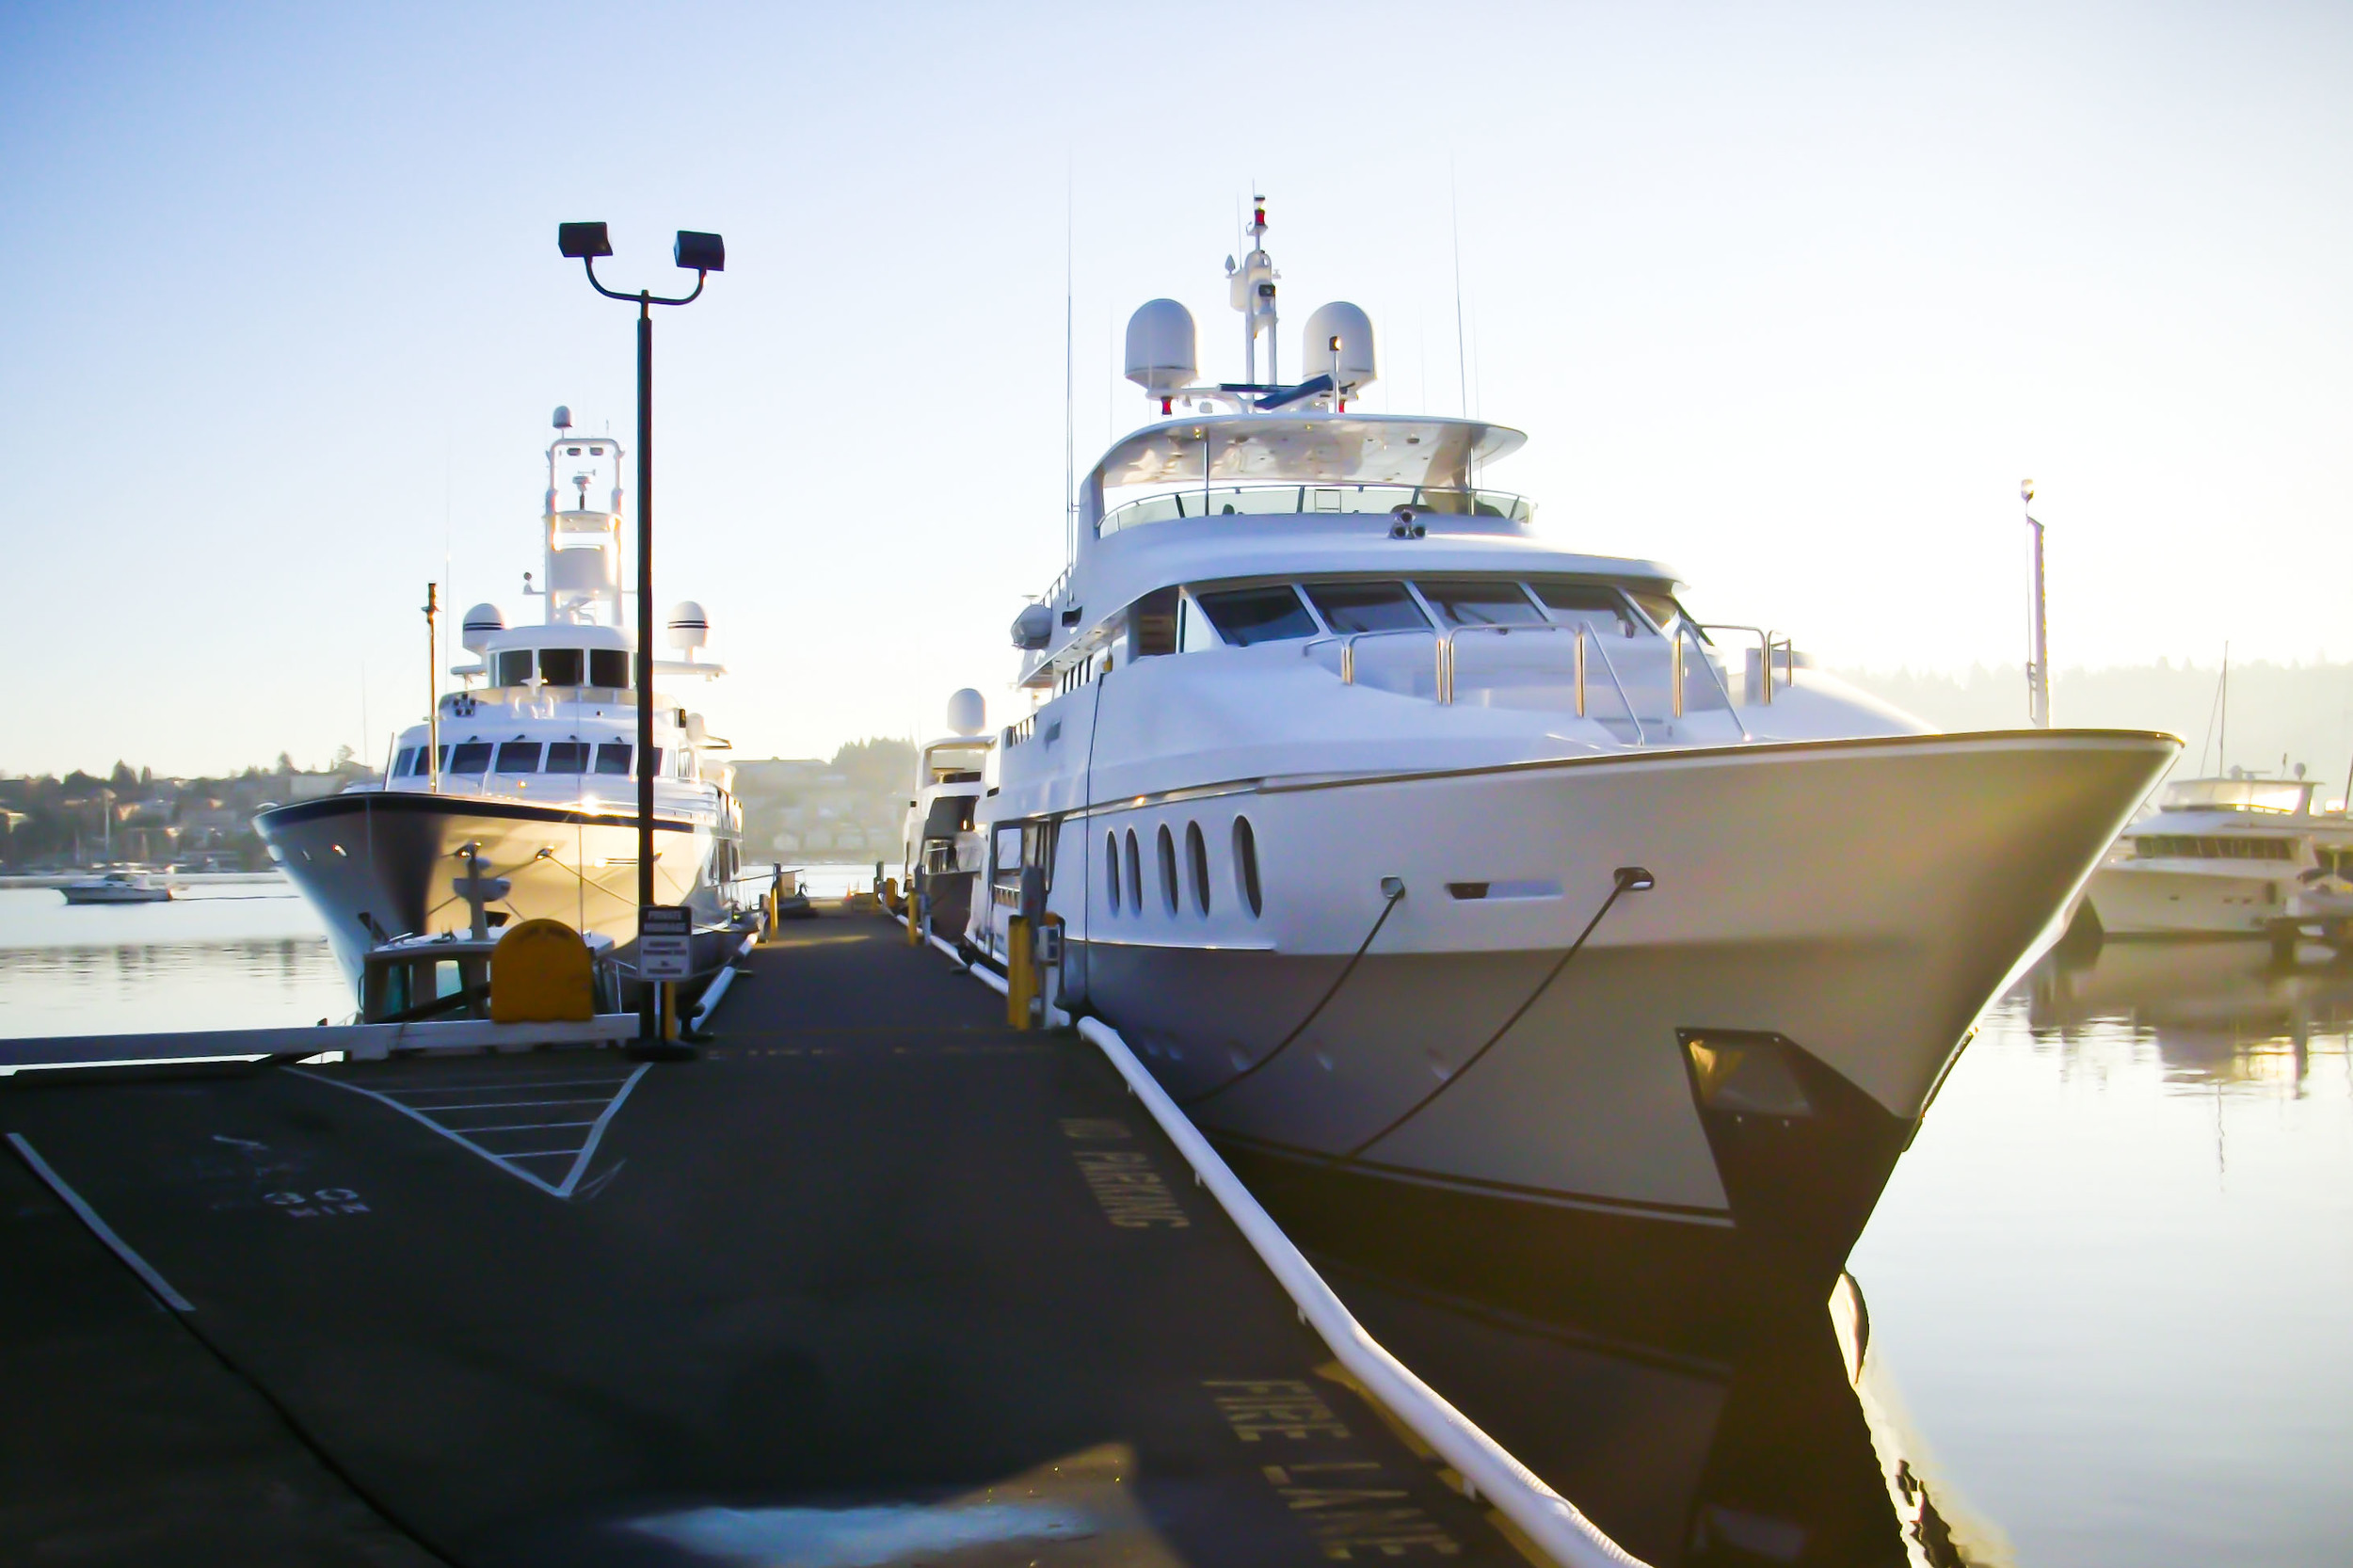 Superyacht Docked